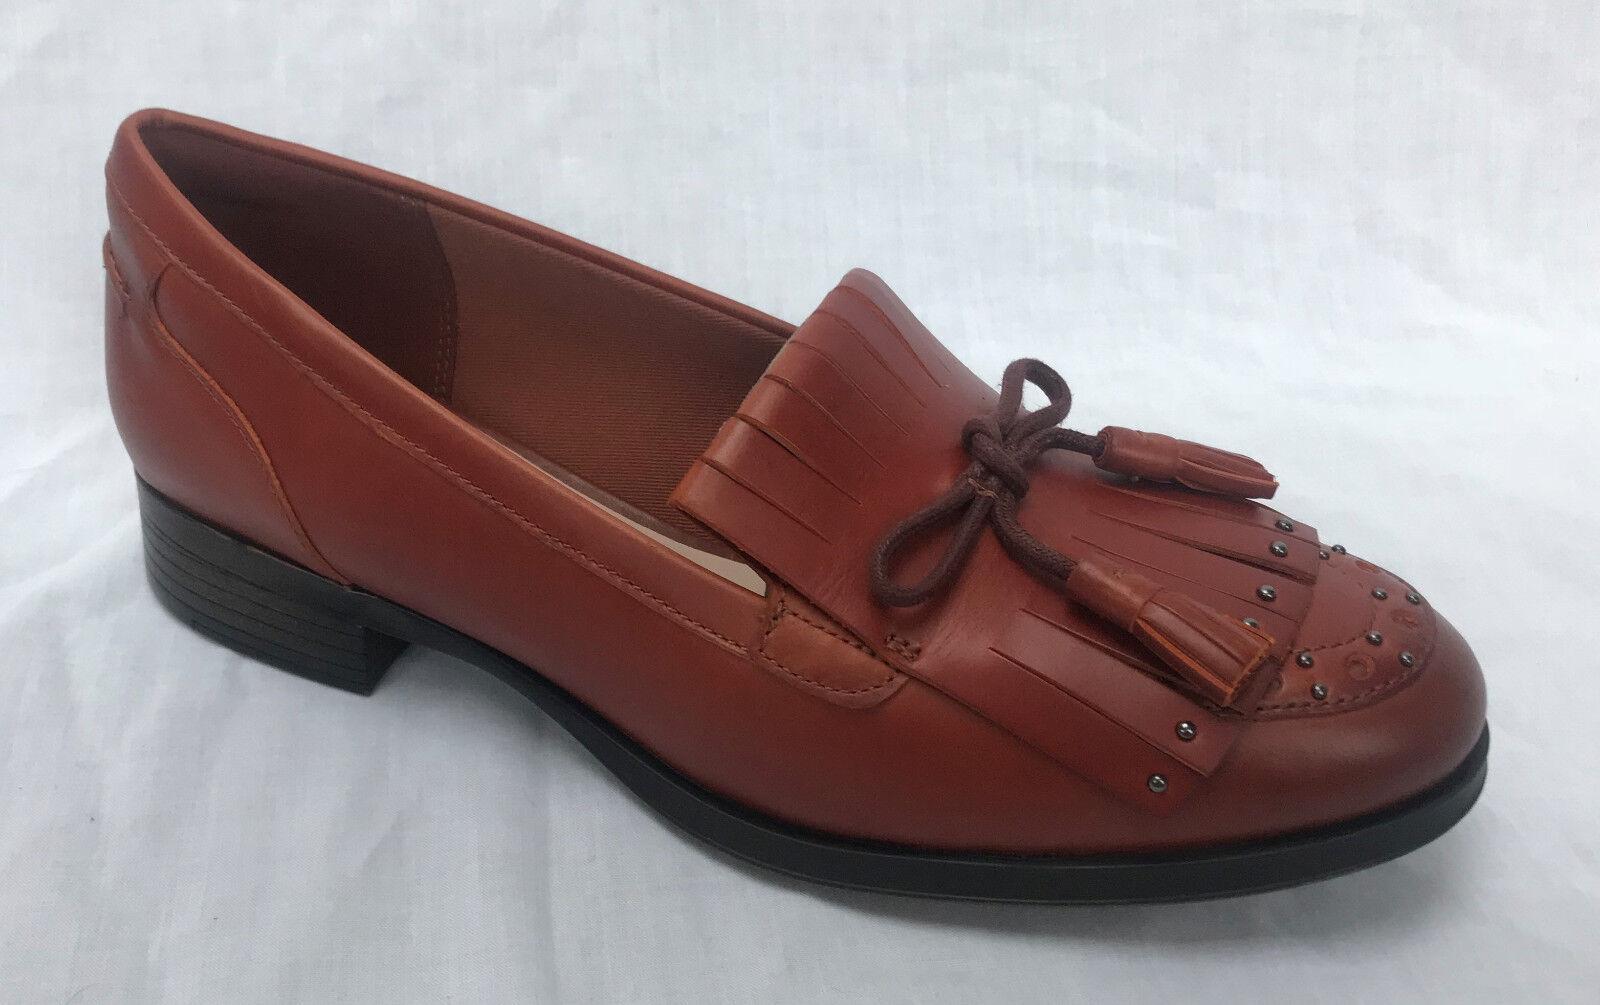 Nuevo y en caja Clarks Clarks Clarks Damas Busby Lola Bronceado Mocasín Cuero Zapatos  tienda de bajo costo